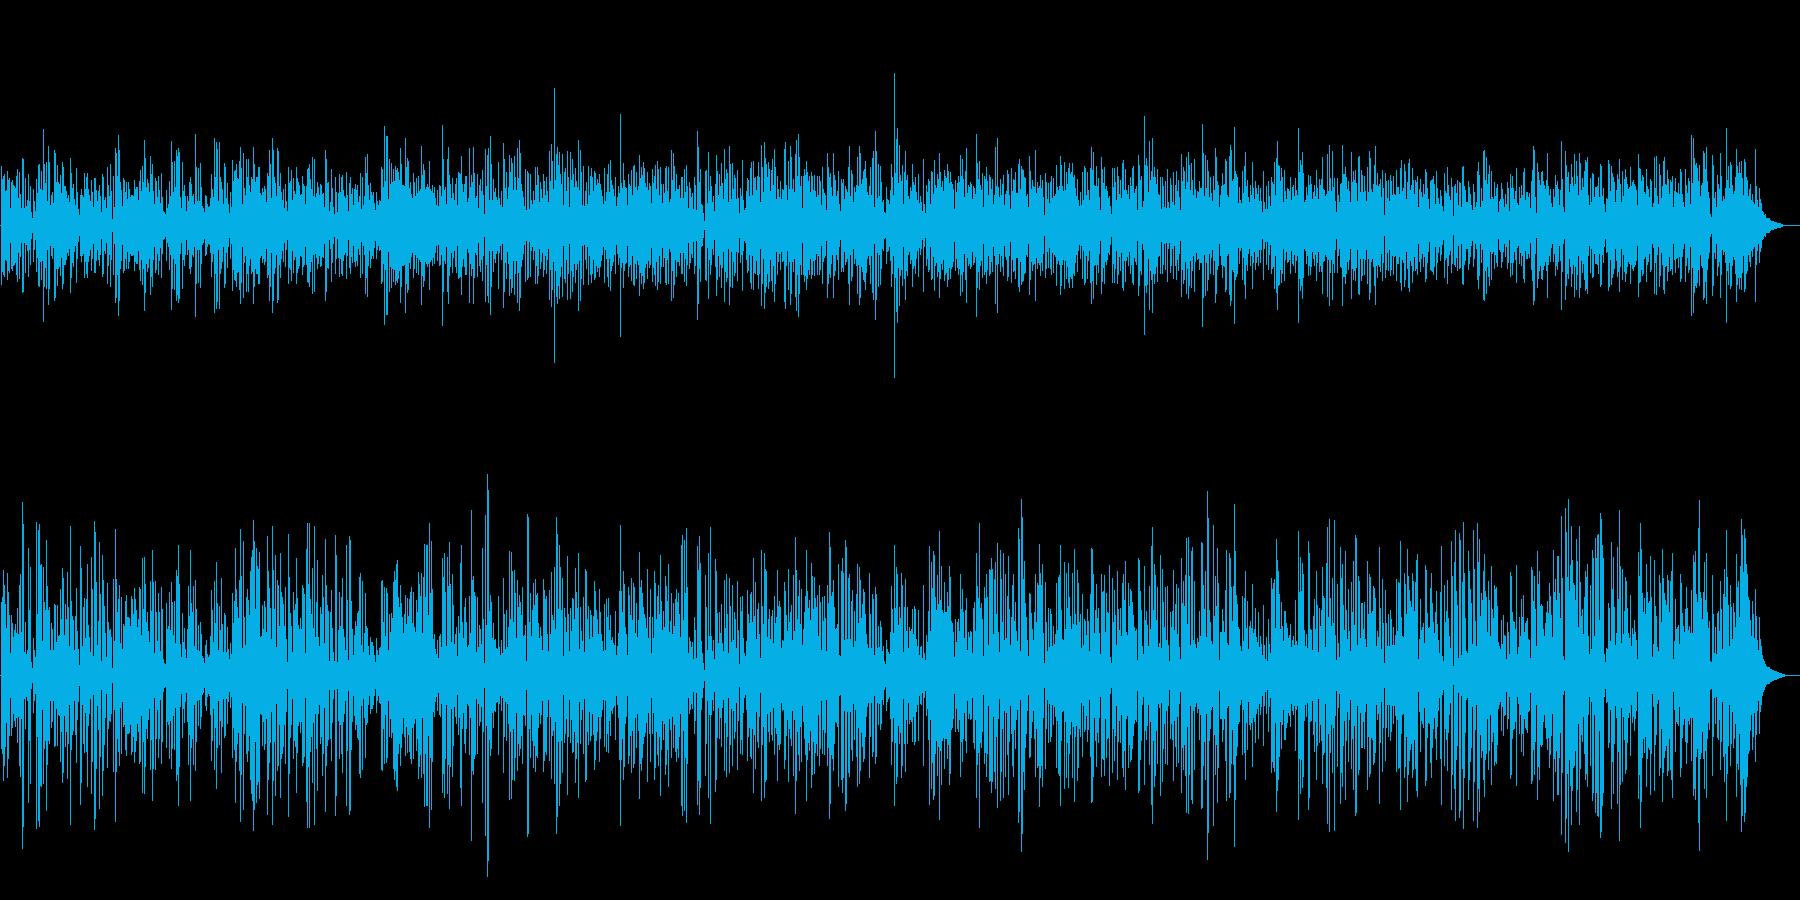 カフェジャズBGM 配信・映像・イベントの再生済みの波形